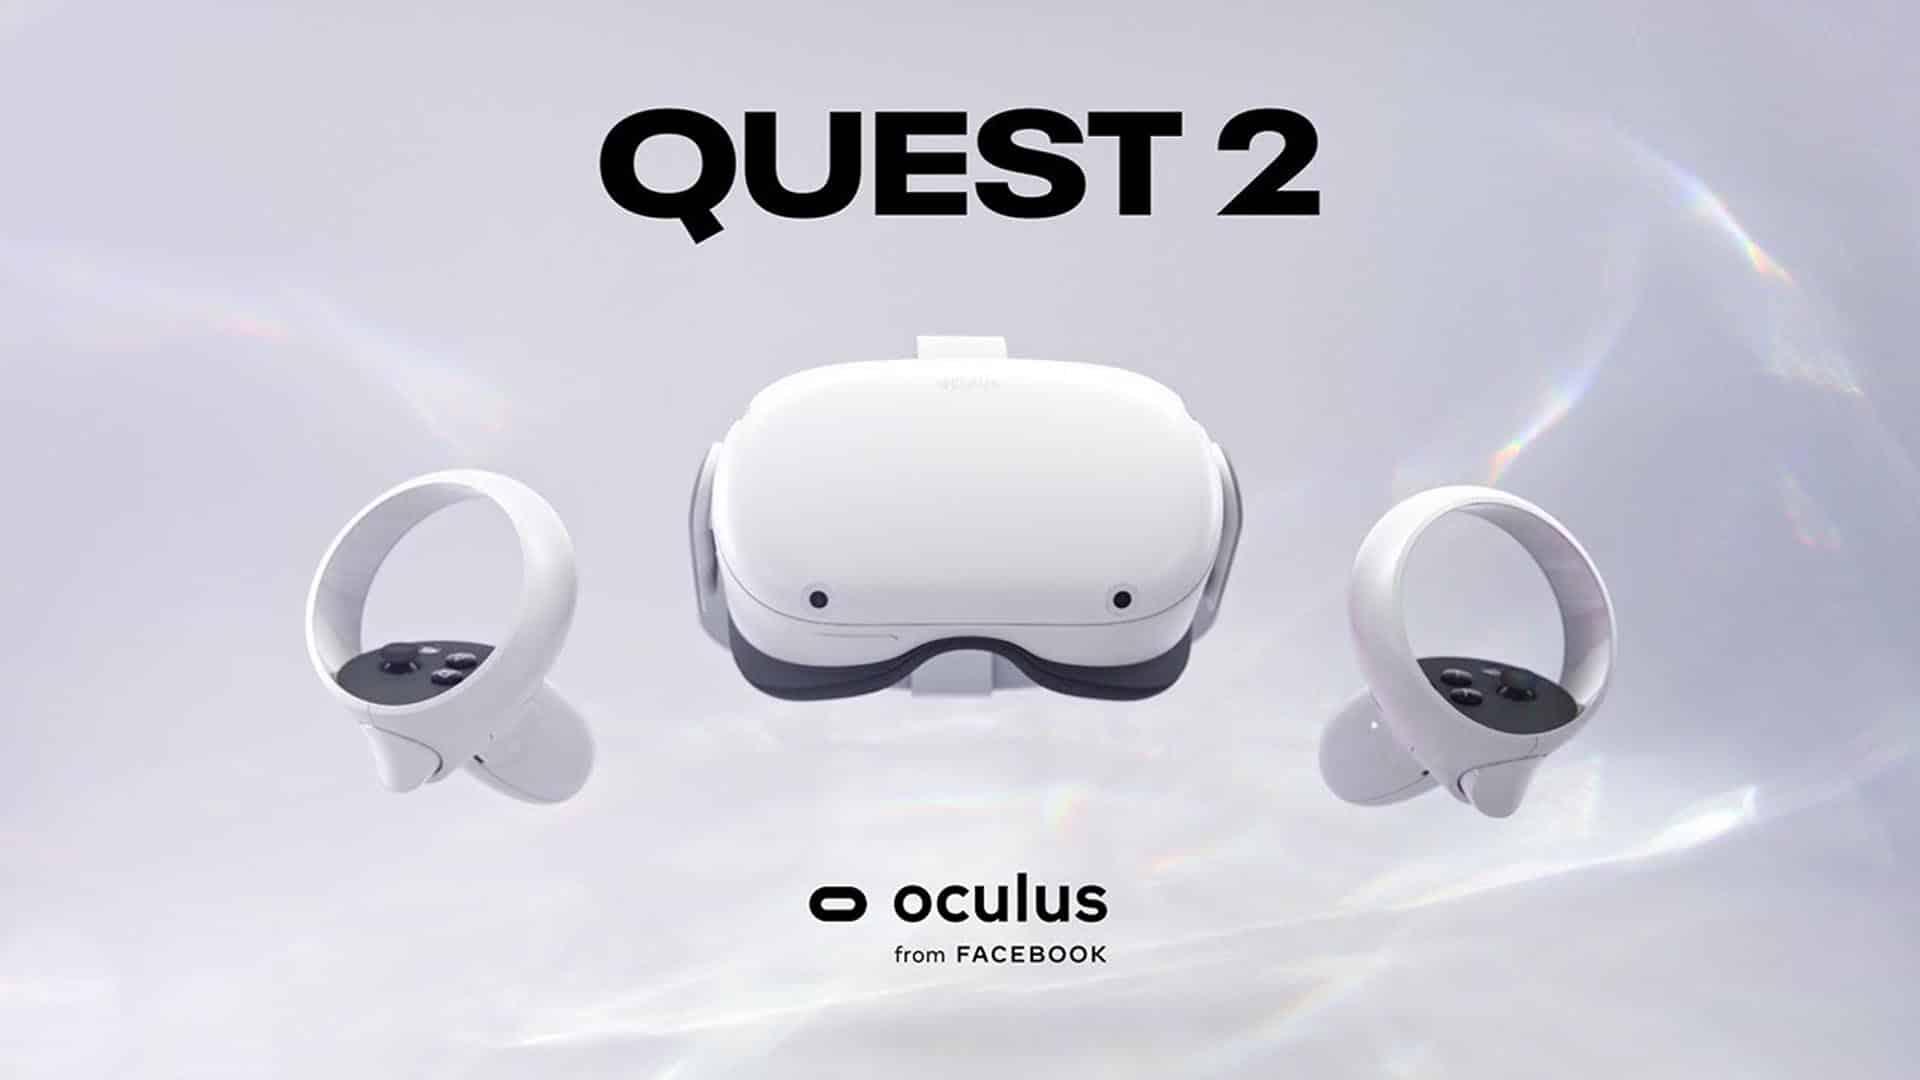 oculus quest 2 3